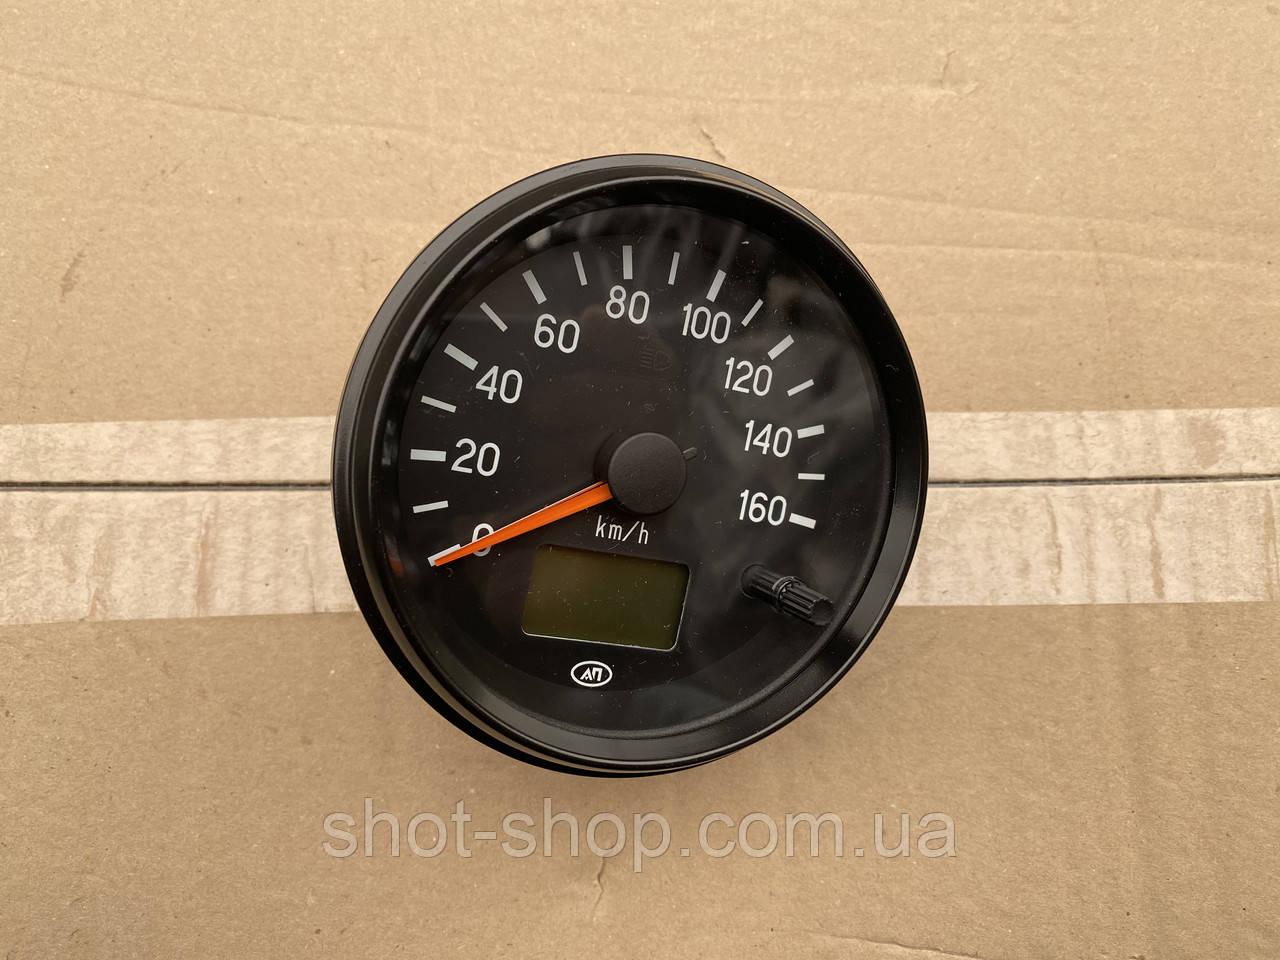 Спідометр електронний (851.3802) УАЗ